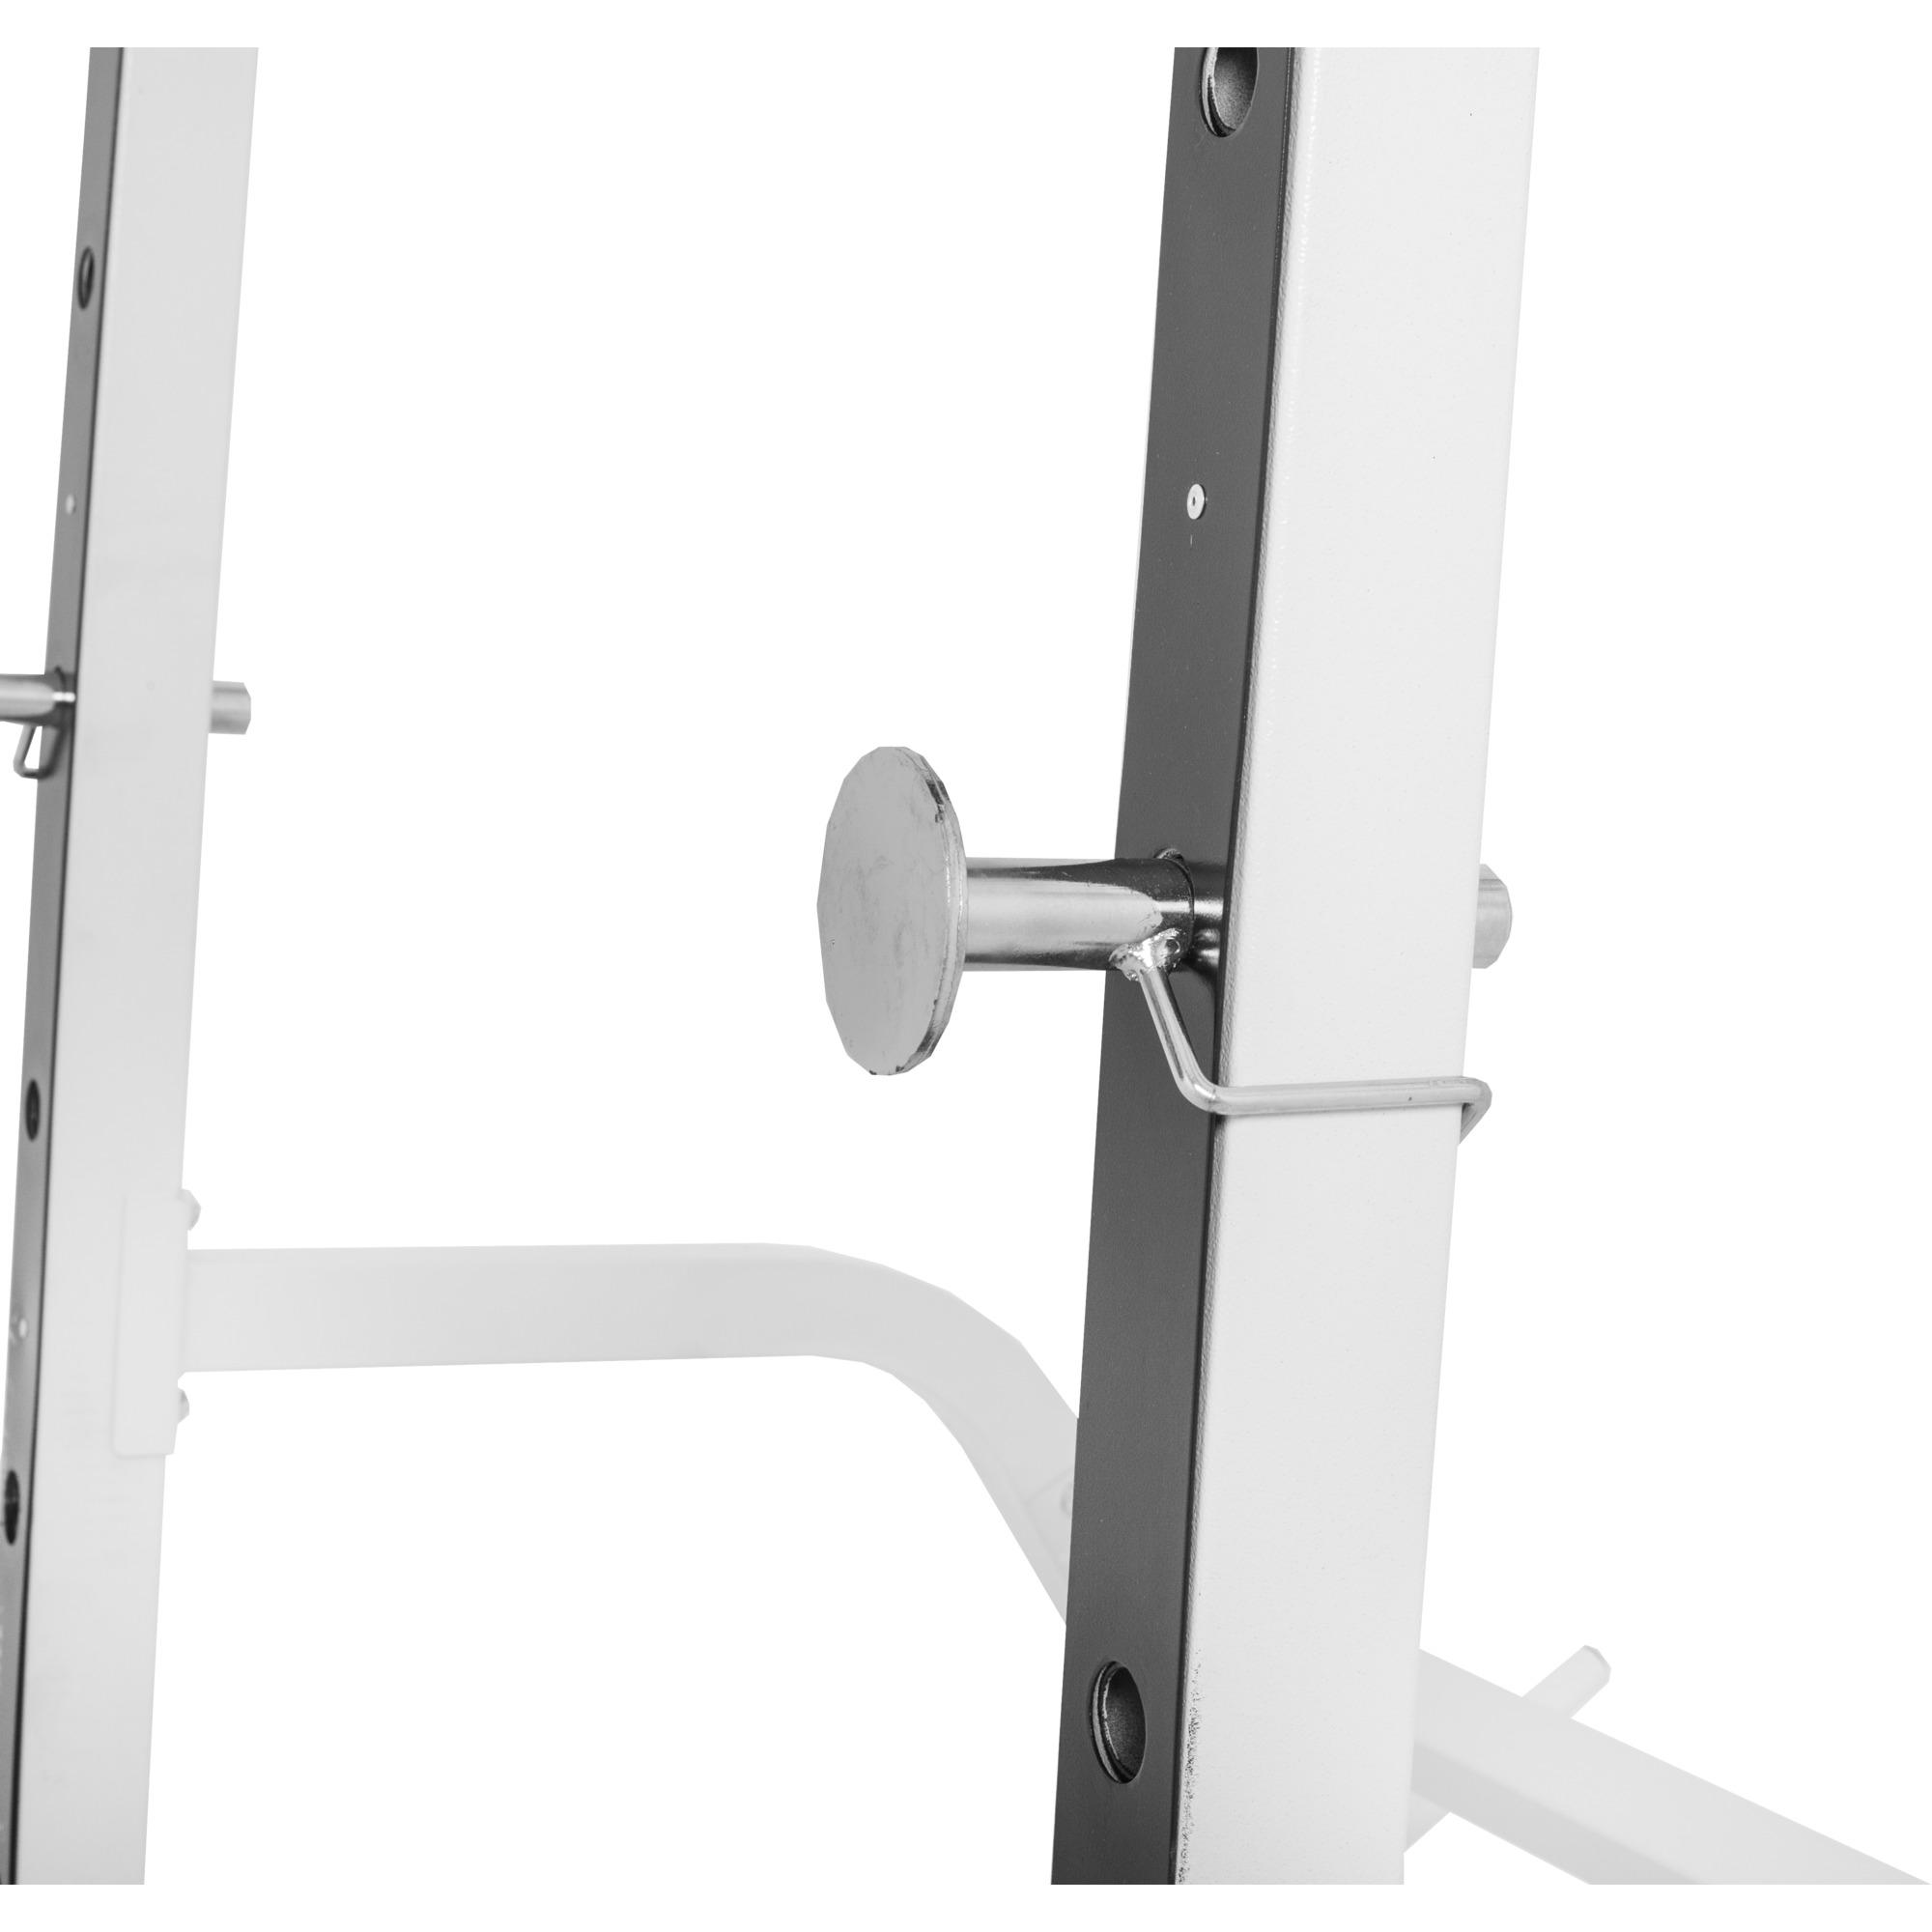 banc de musculation avec repose barre s par gs022 hantelbgs1000e 28. Black Bedroom Furniture Sets. Home Design Ideas